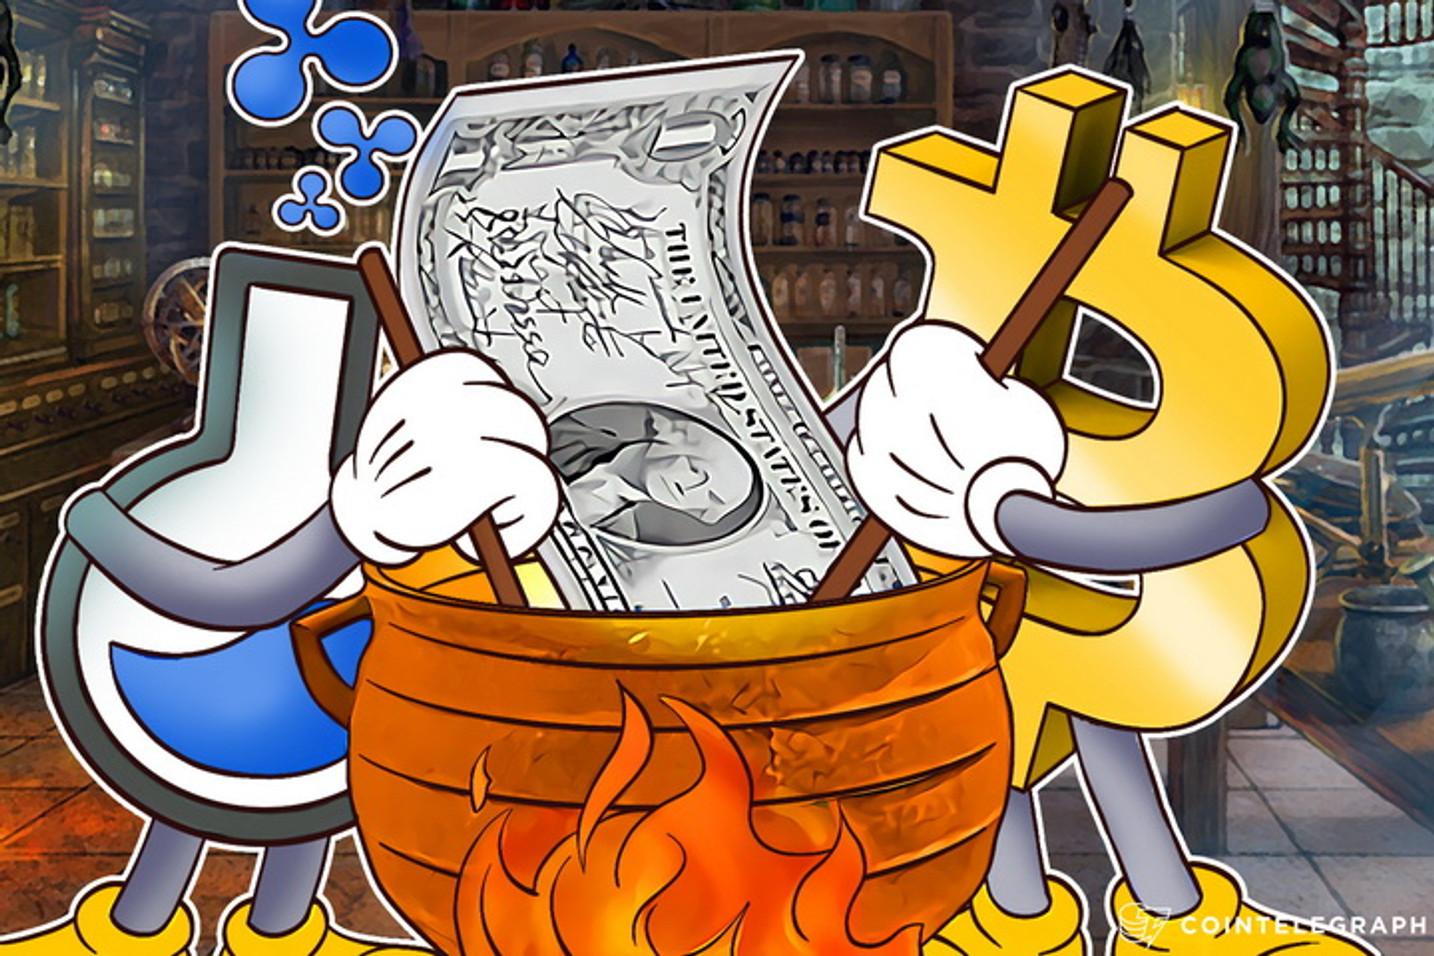 How Bitcoin Blockchain and Ripple May Help Kill U.S. Dollar